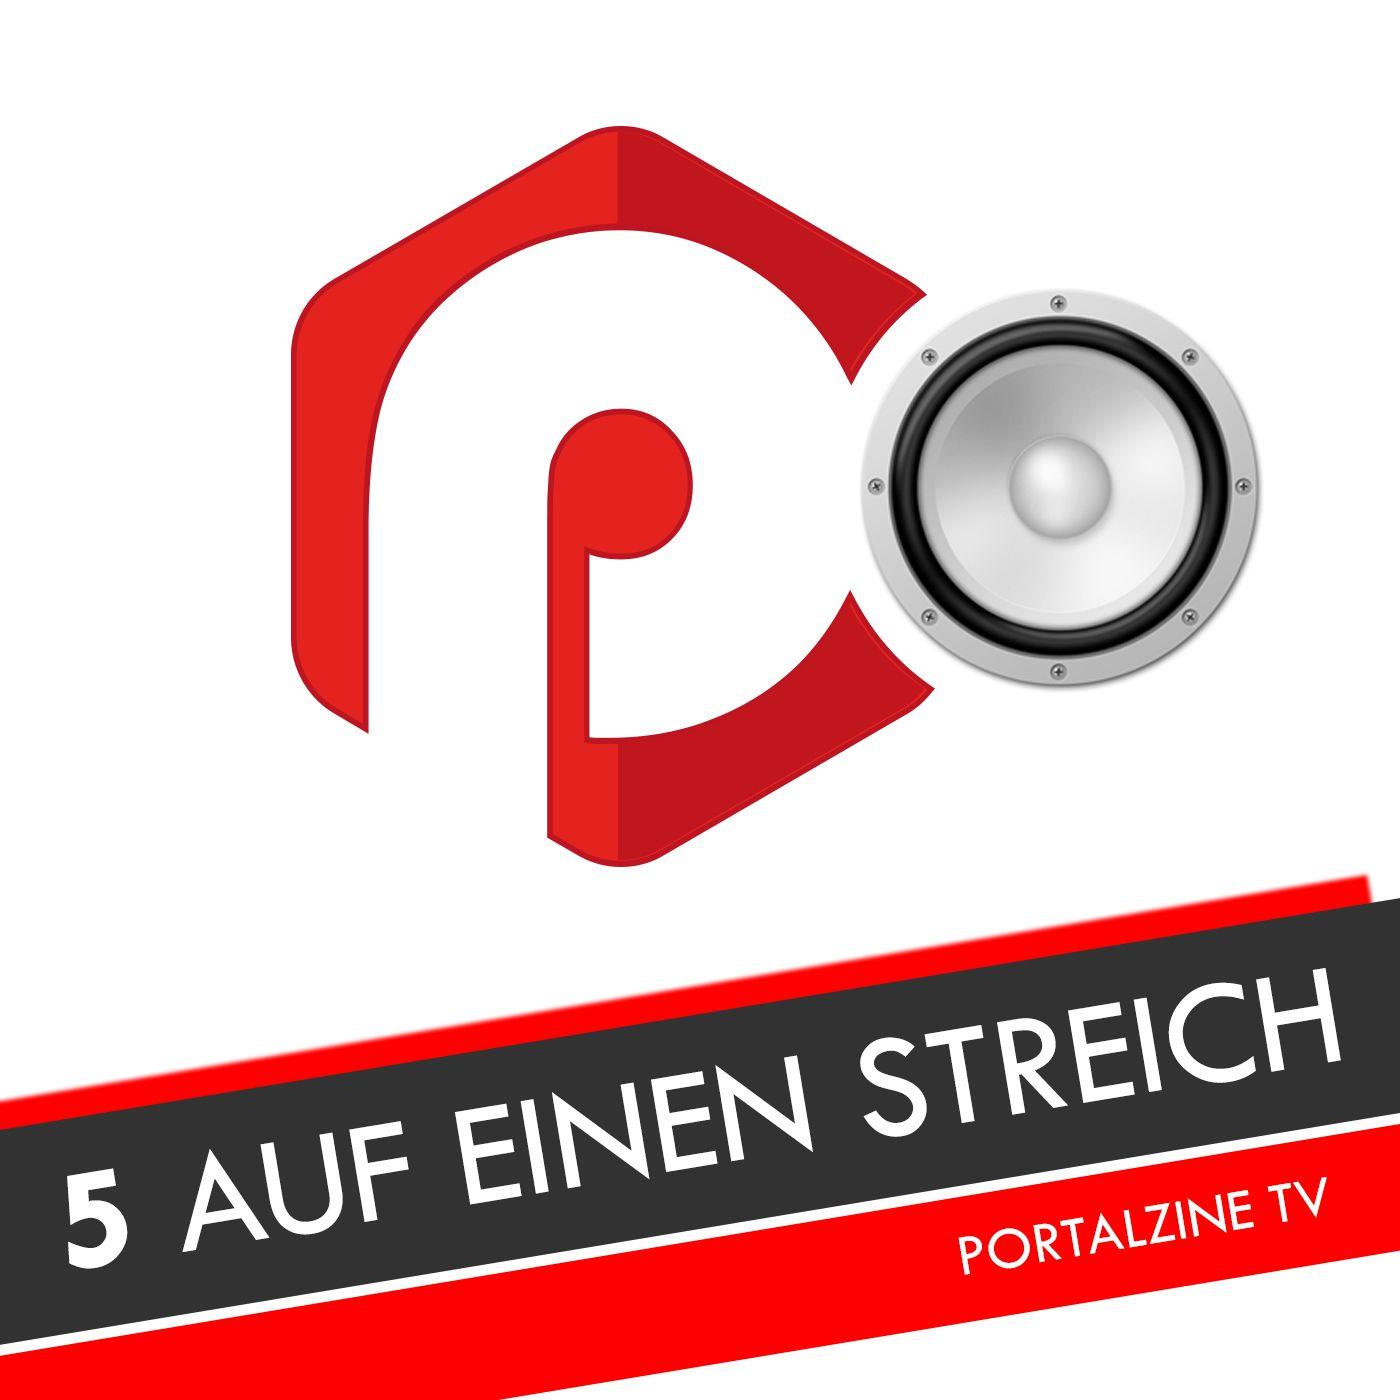 portalZINE TV - 5 auf einen Streich